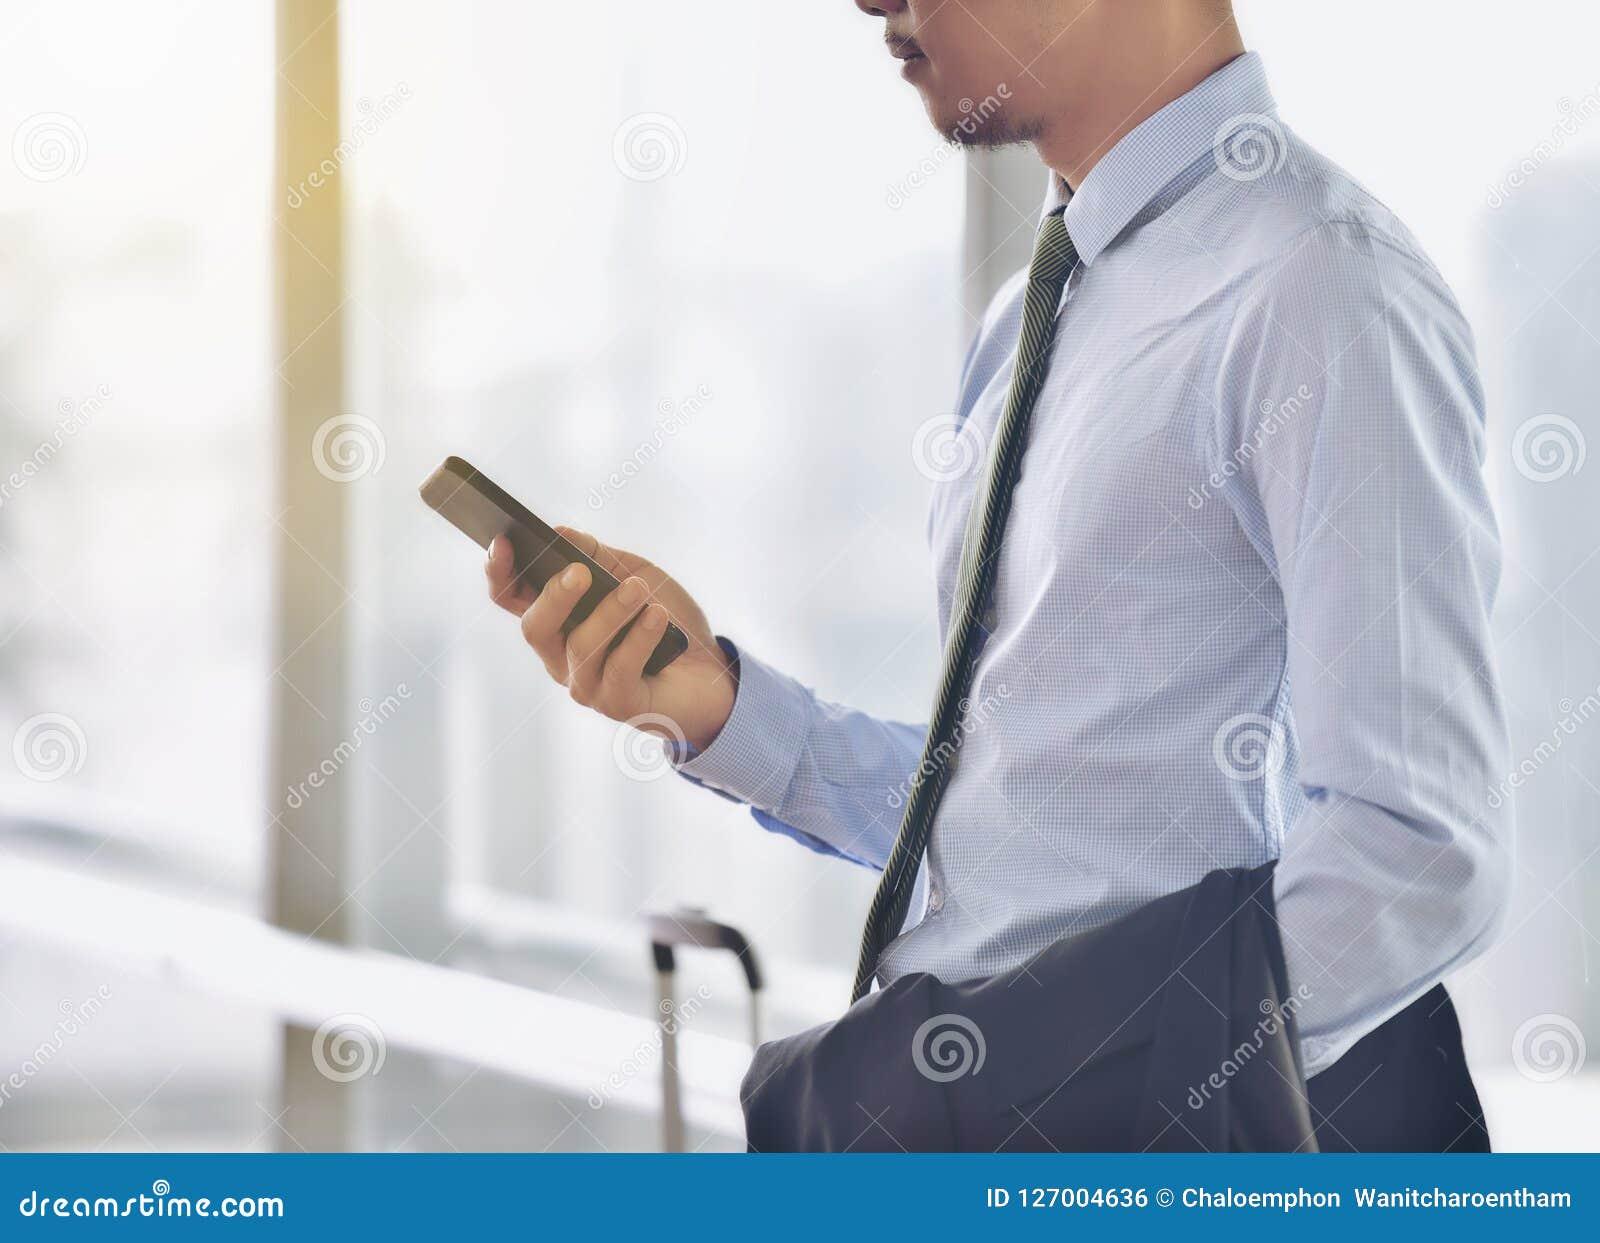 Ένας ασιατικός αρσενικός επιχειρηματίας χρησιμοποιεί ένα εξυπνώτερο τηλέφωνο στο communica